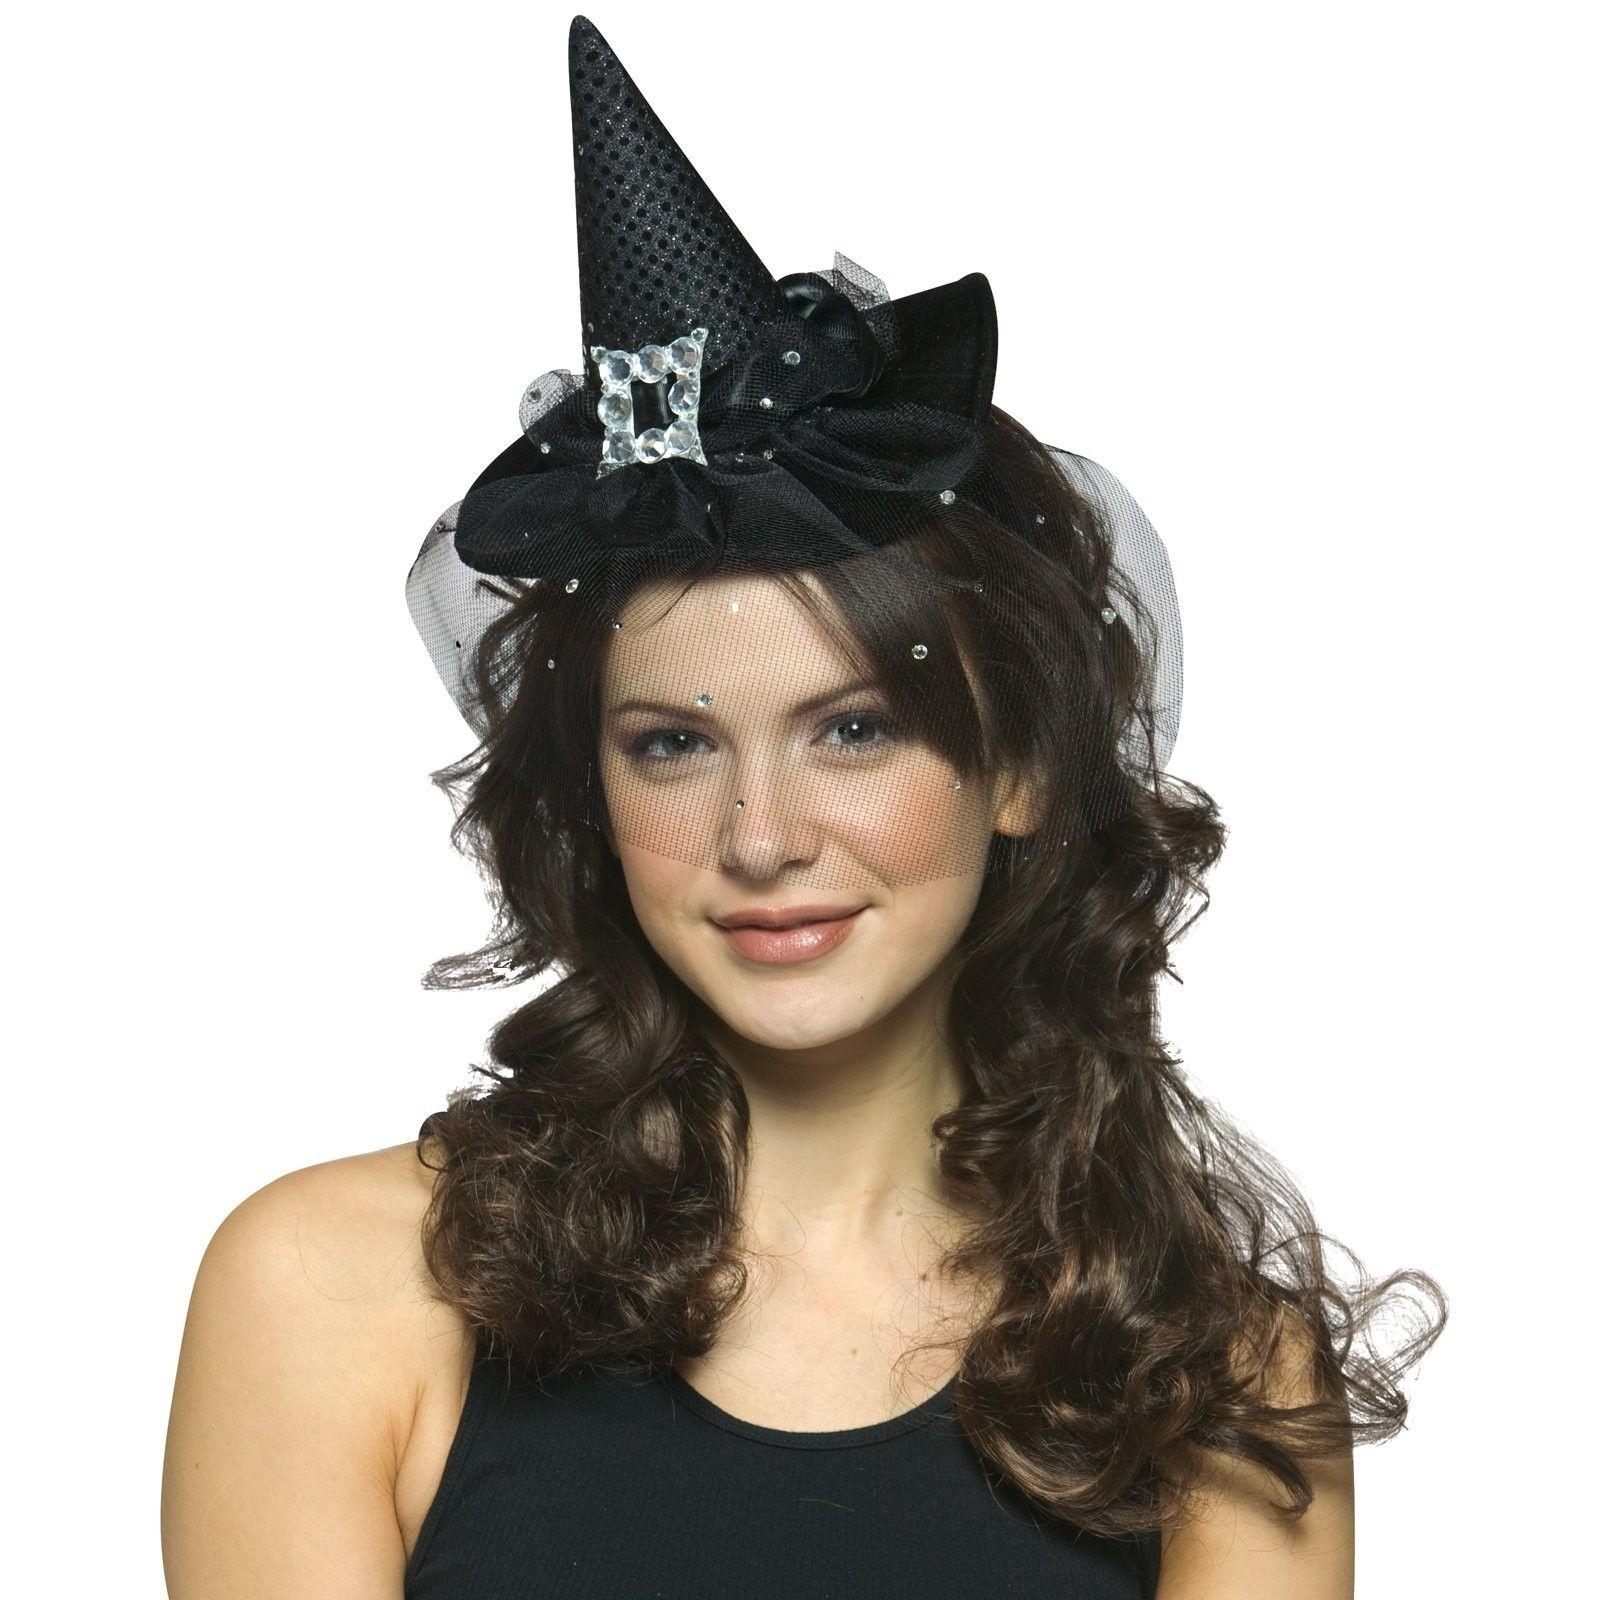 headbands for halloween, halloween headband ideas, halloween